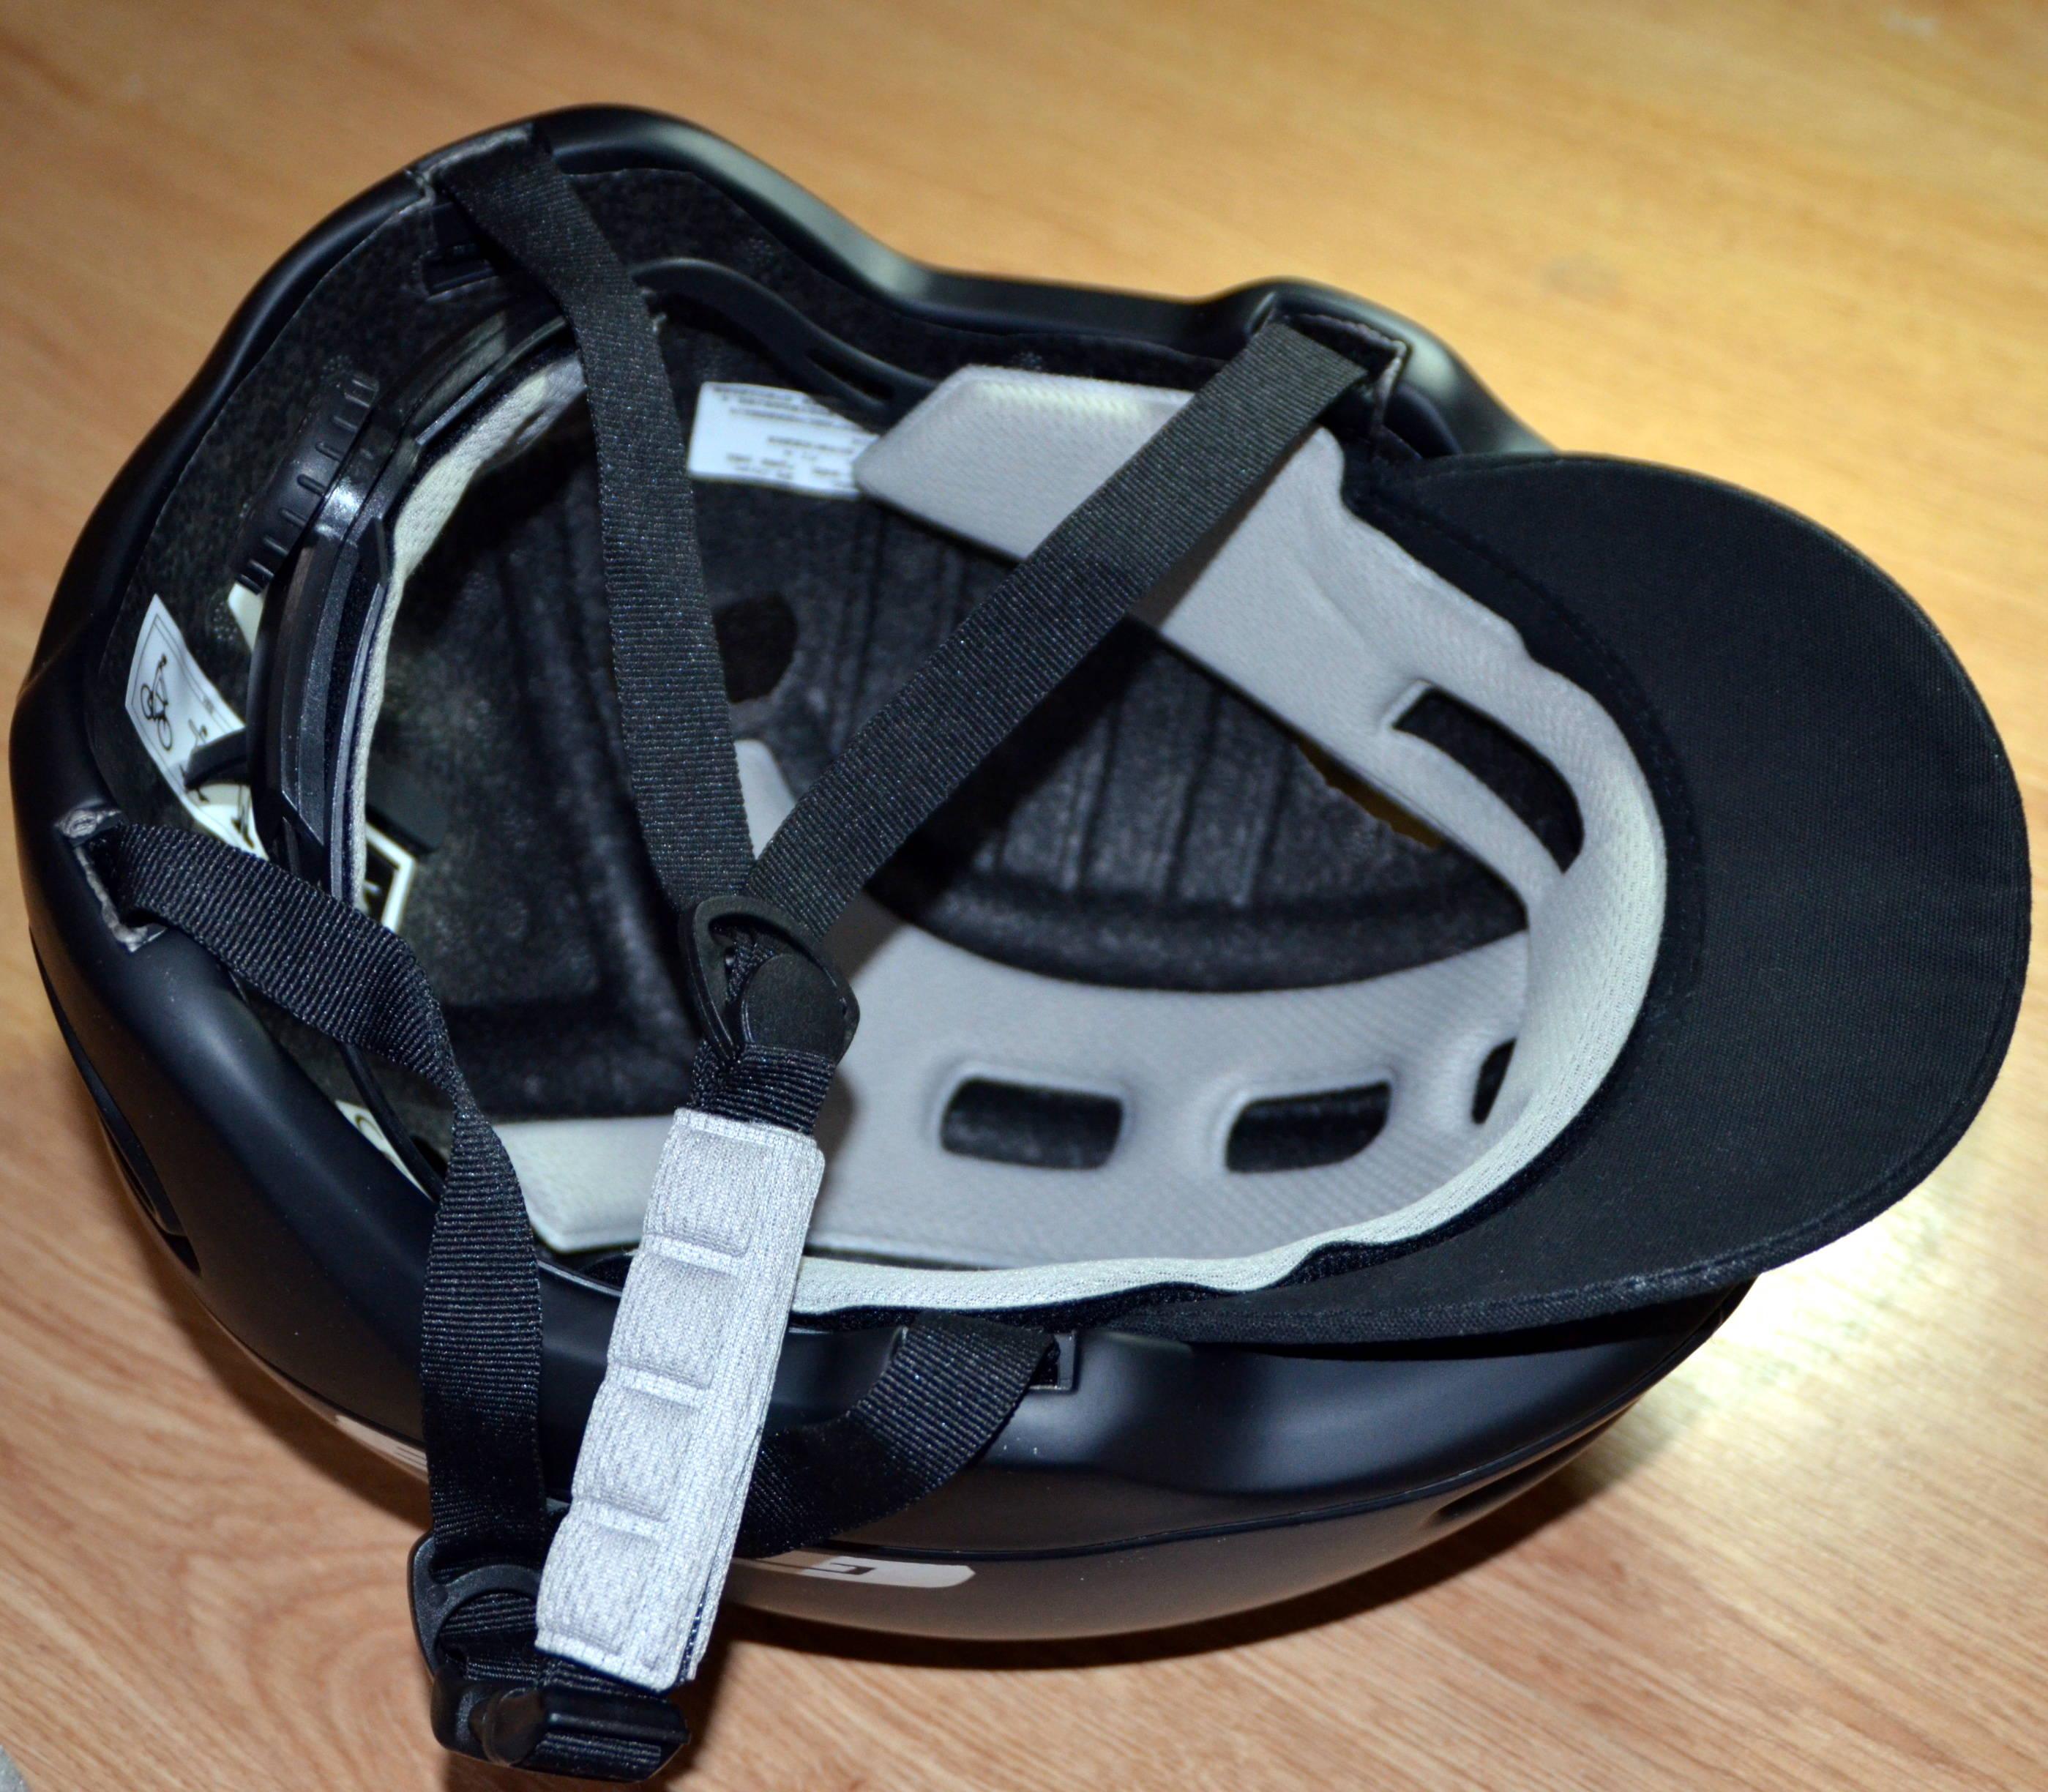 casque trottinette electrique casquette securite